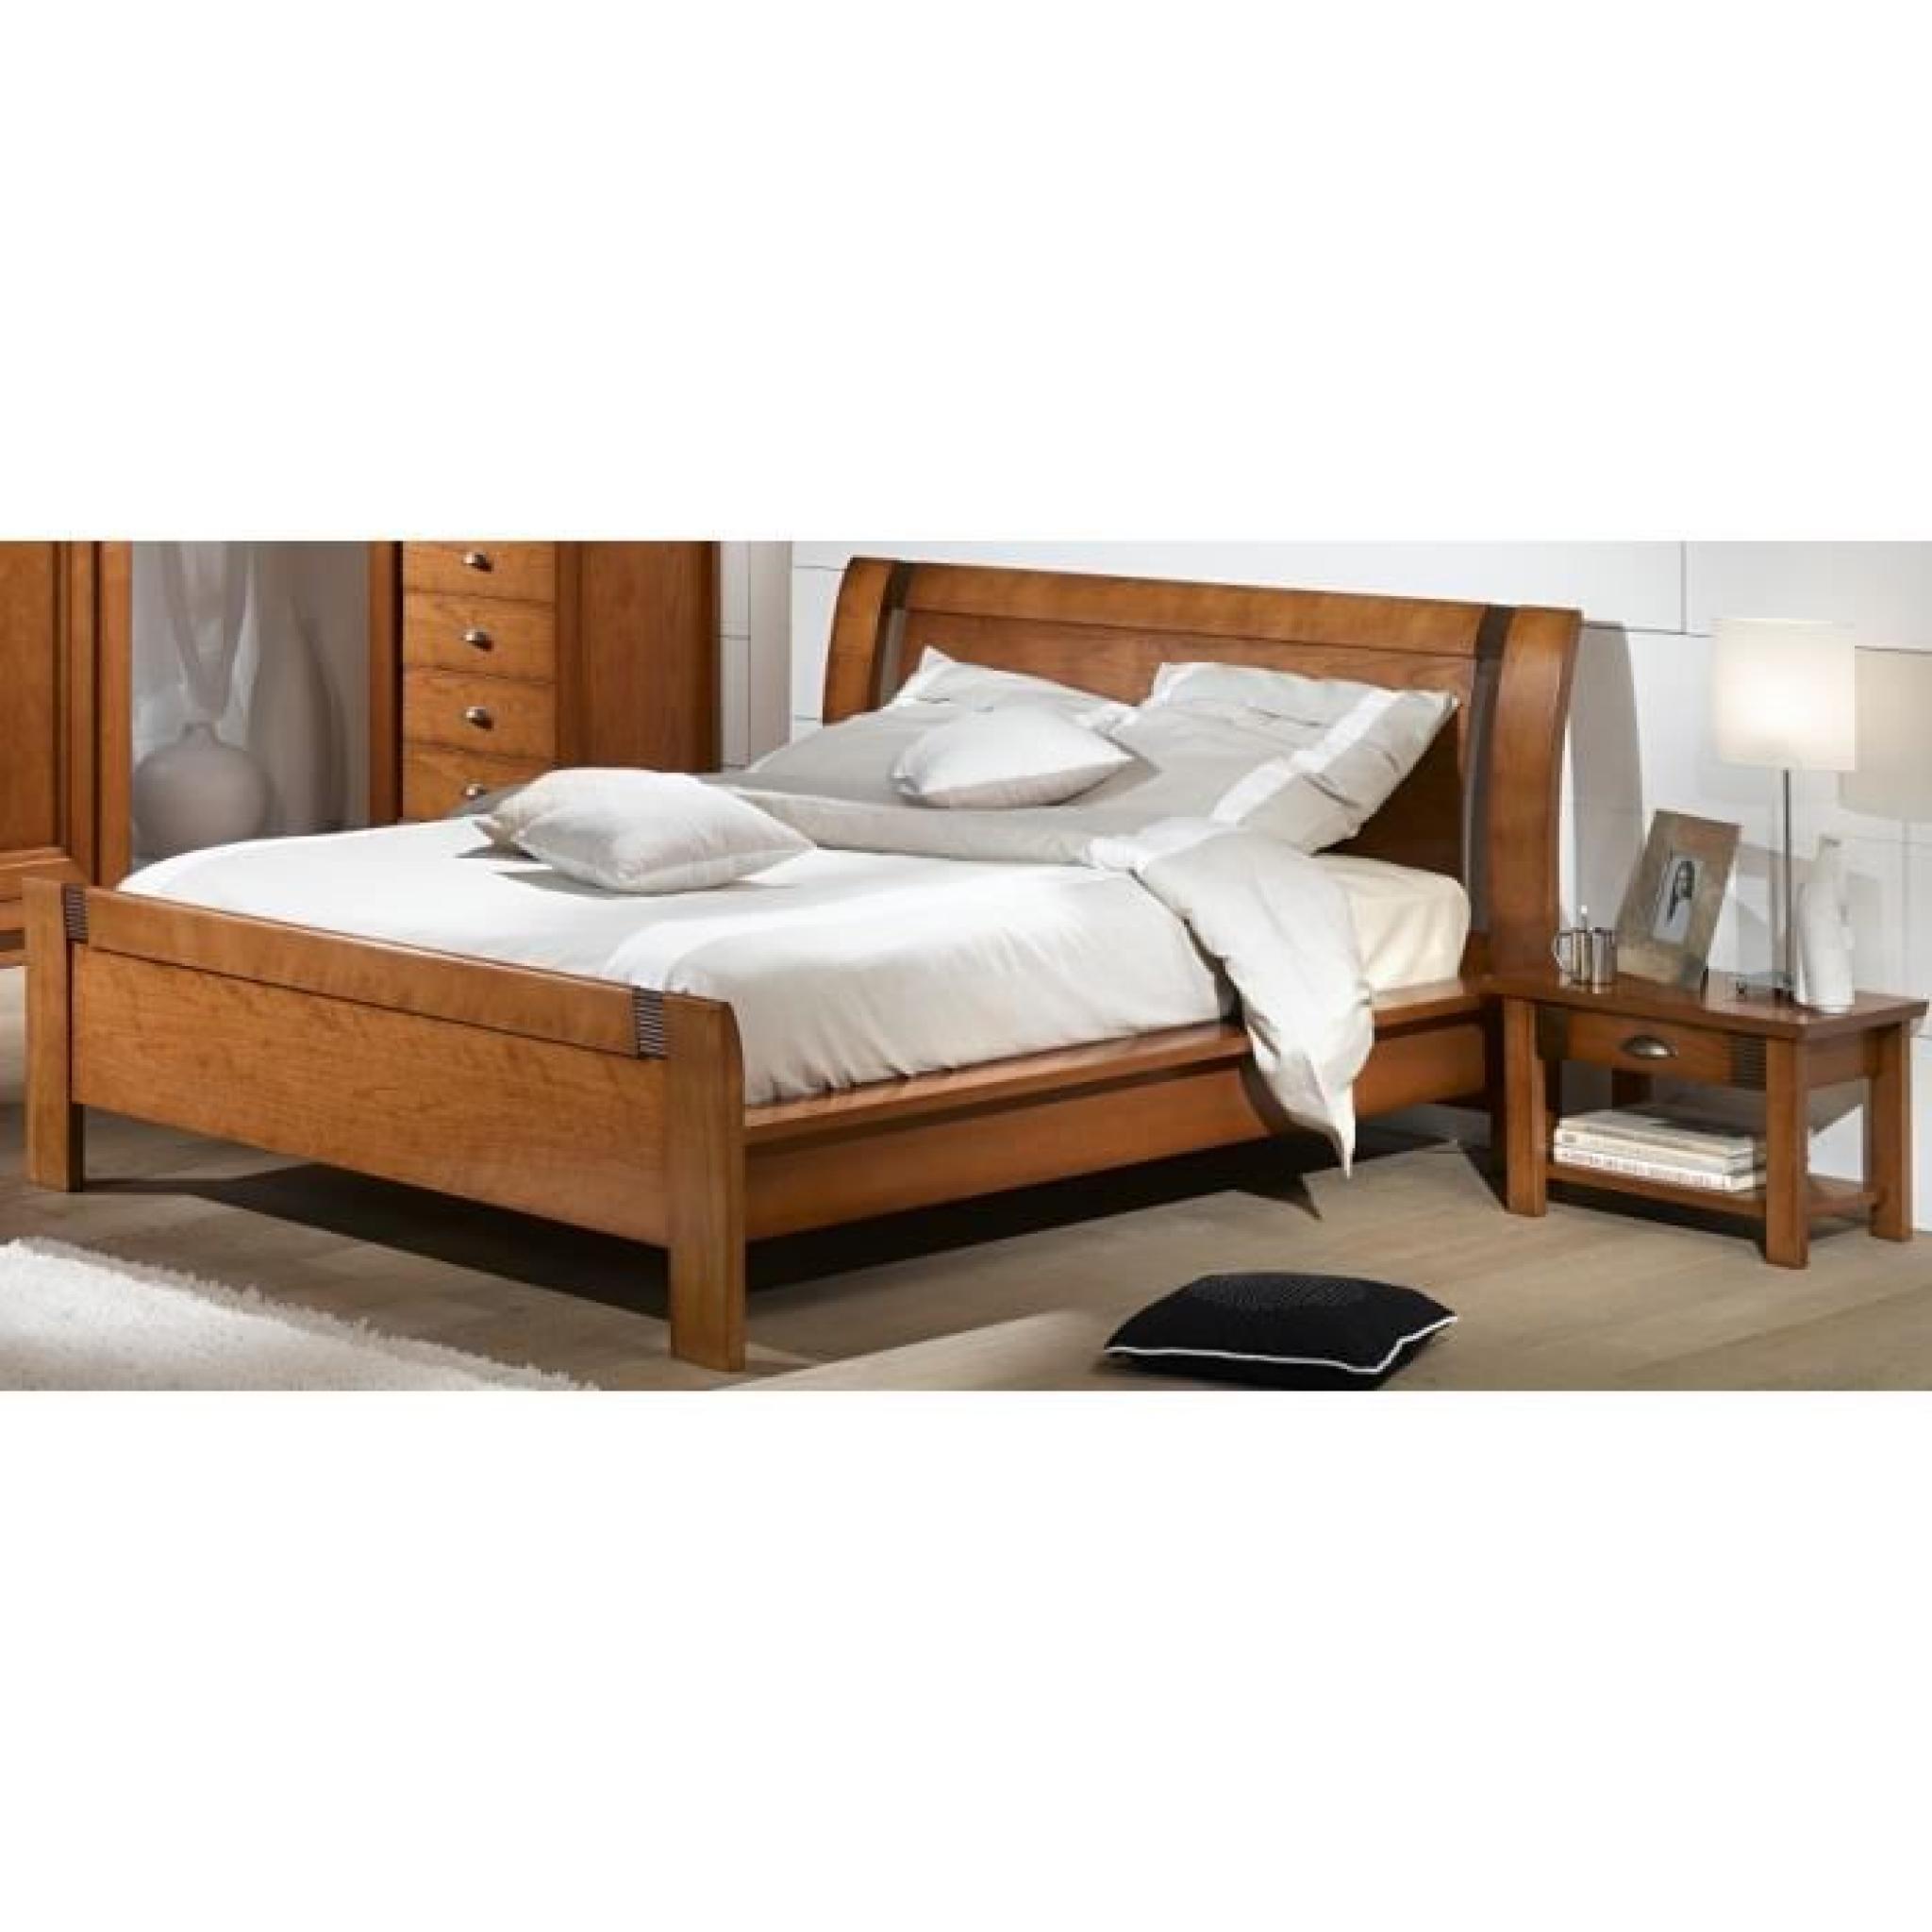 lit haut pas cher good large size of lit mezzanine noah avec bureau et rangements integres xcm. Black Bedroom Furniture Sets. Home Design Ideas